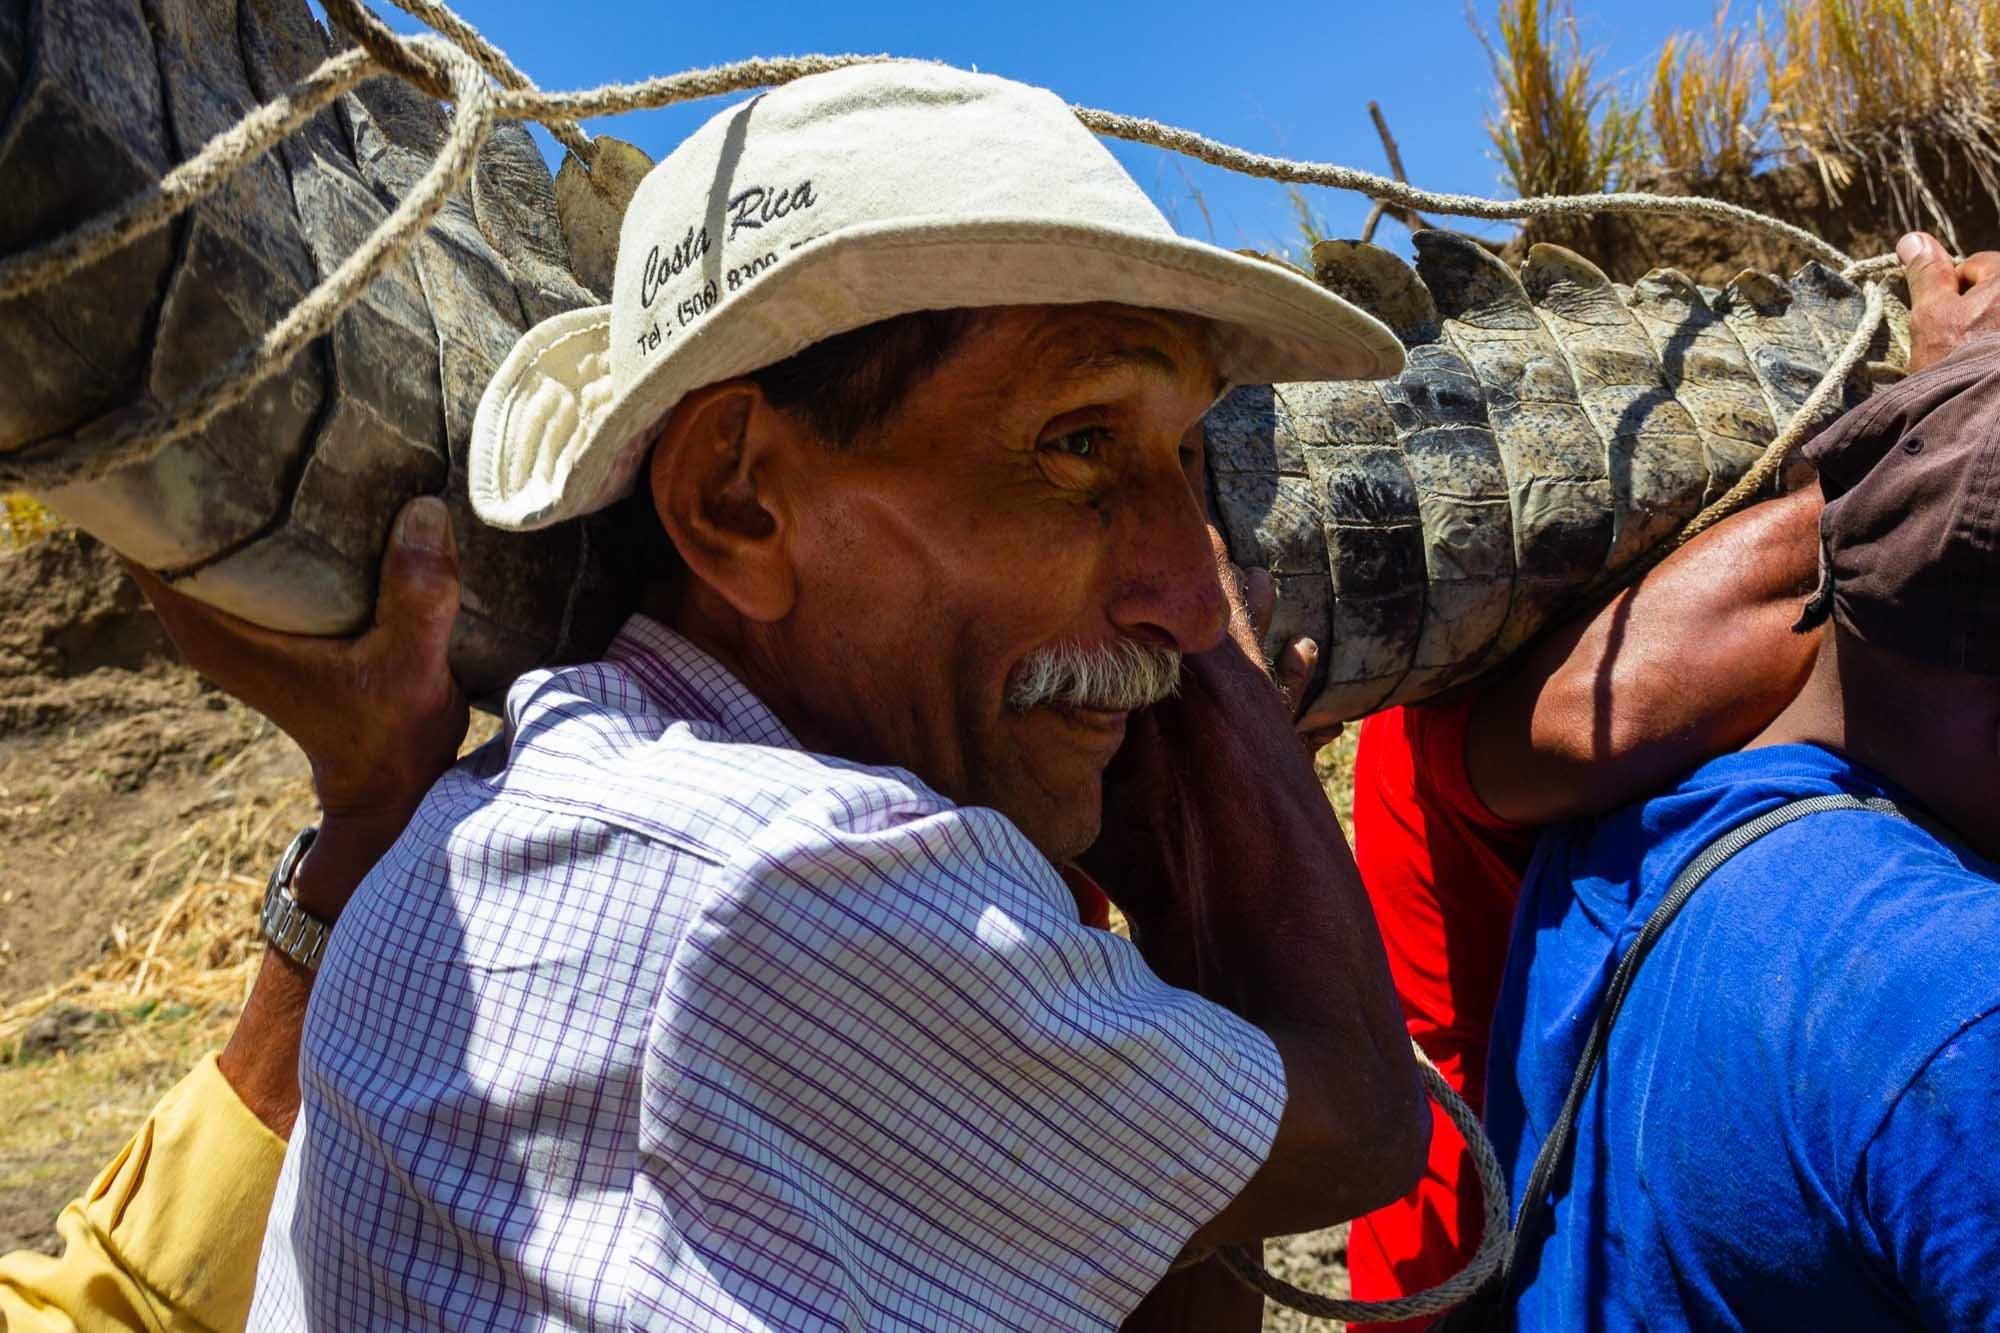 Cocodrilo Sagrado Lagarteada Ortega Santa Cruz - Allan Barboza Leiton